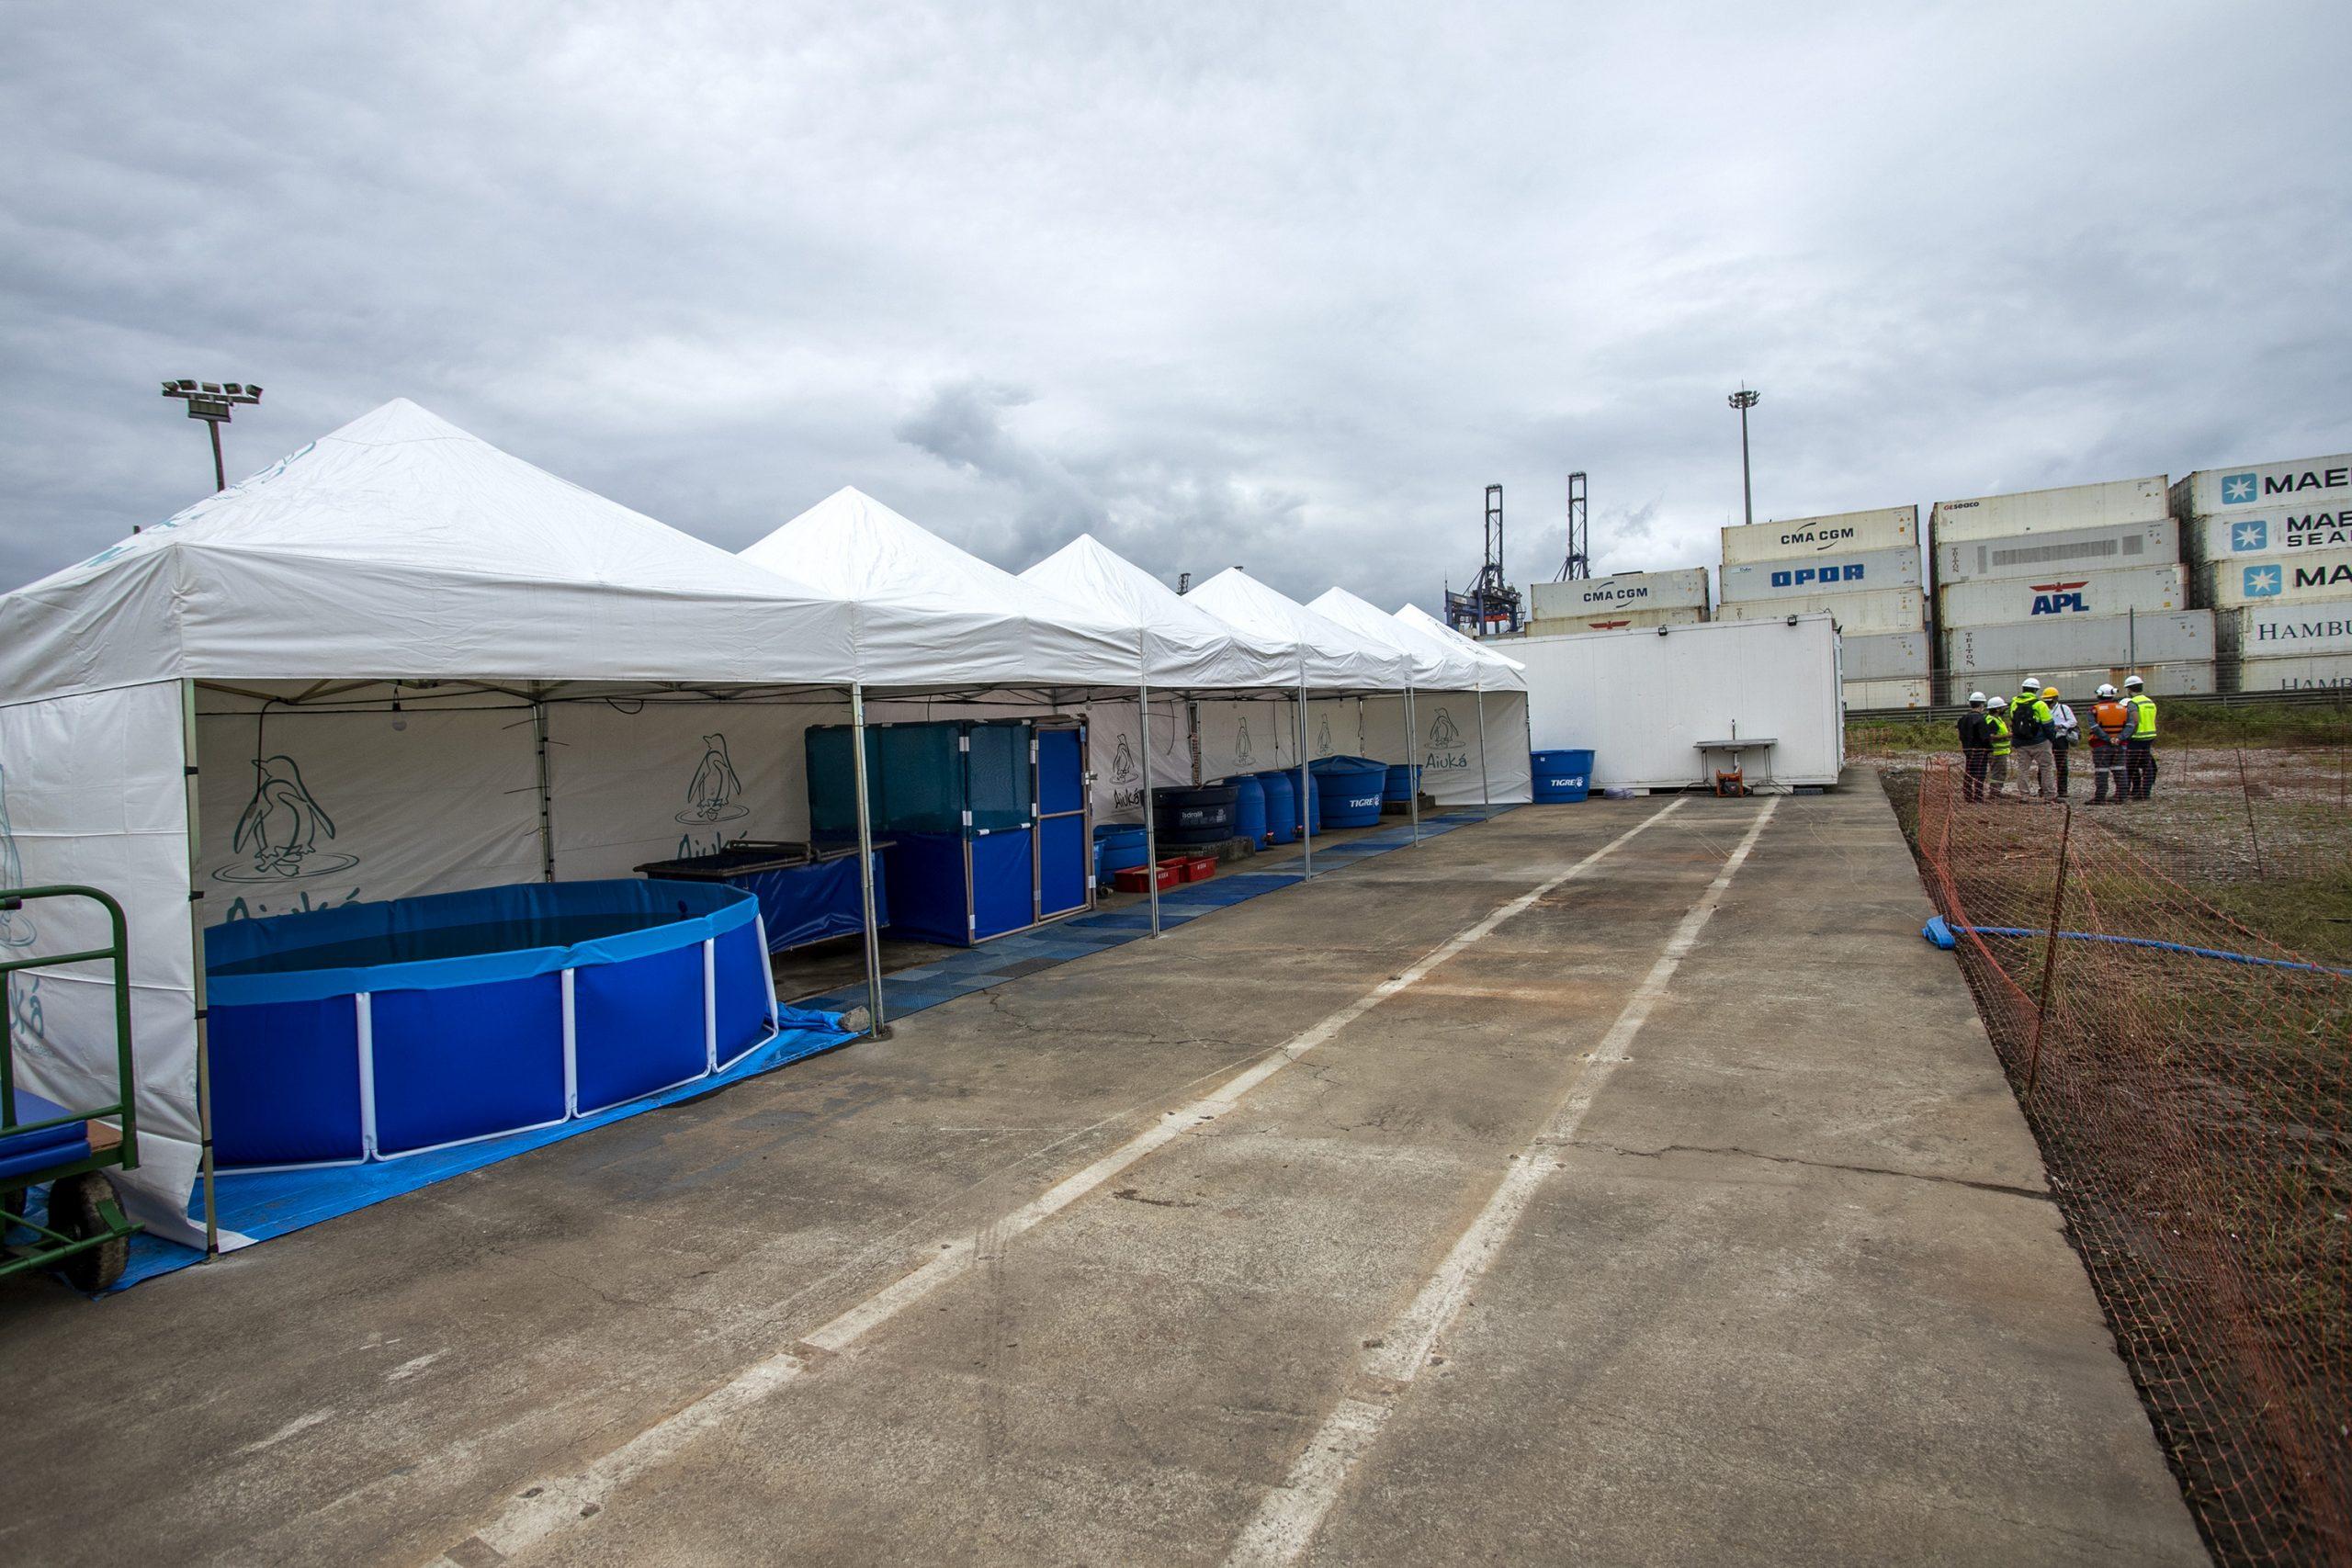 Portos do Paraná instala unidade móvel de prontidão para atender animais durante derrocagem